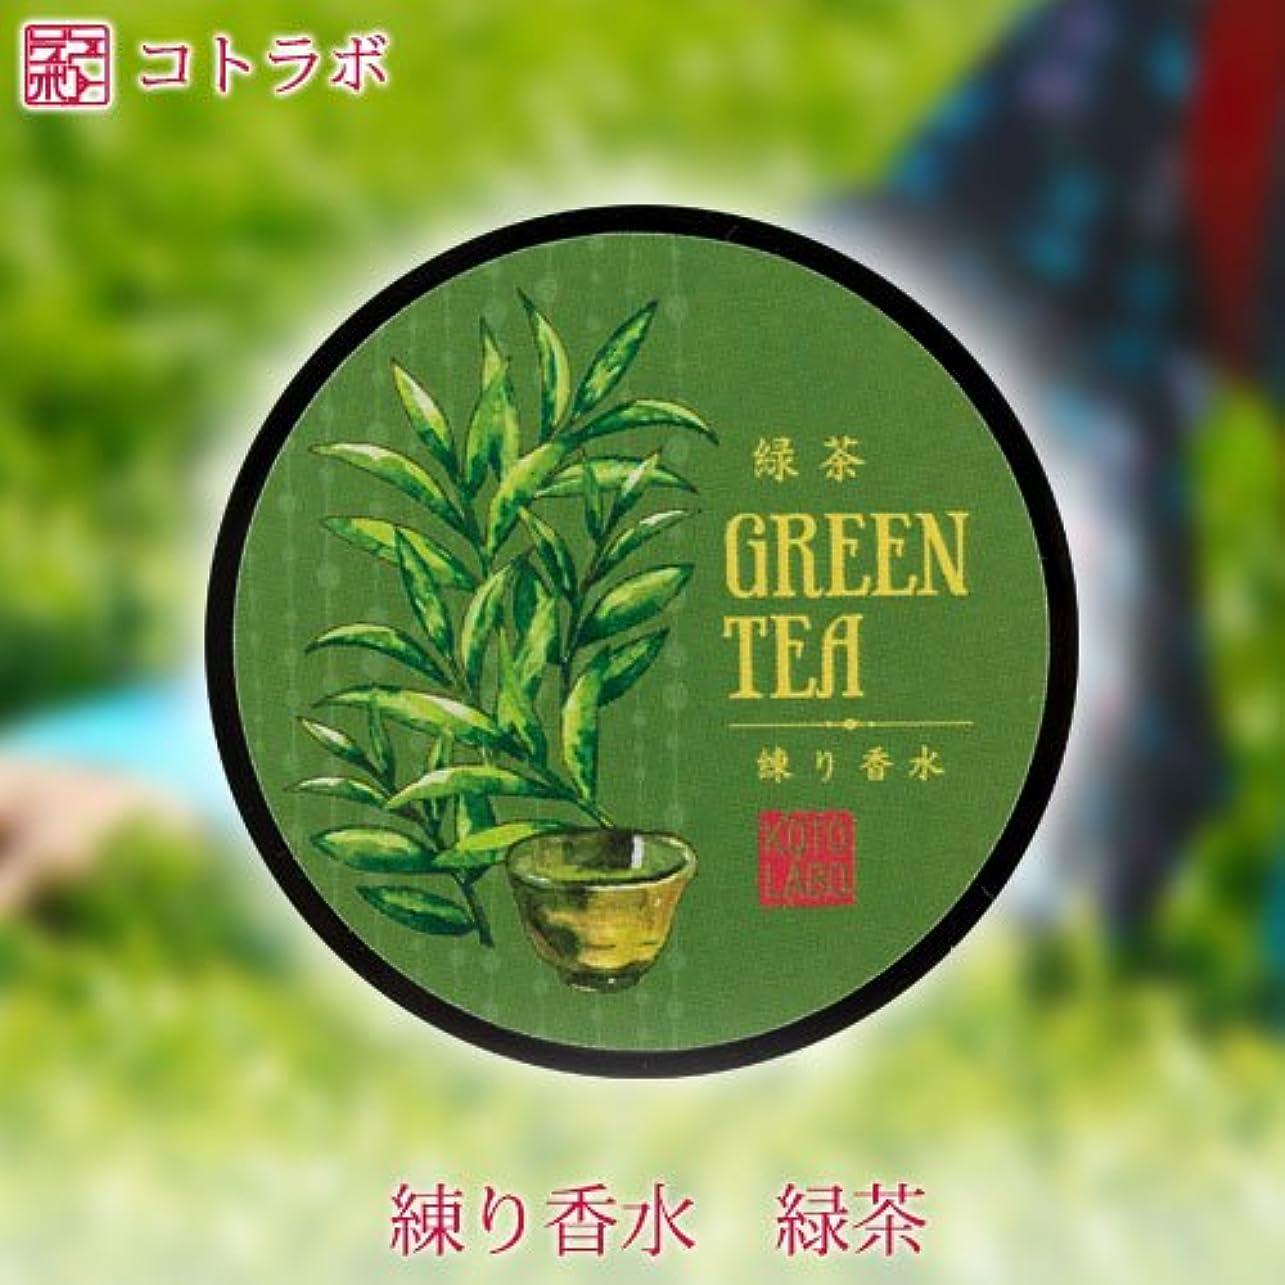 レクリエーションベイビー繁雑コトラボ練り香水京都謹製緑茶グリーンティーフローラルの香りソリッドパフュームKotolabo solid perfume, Green tea